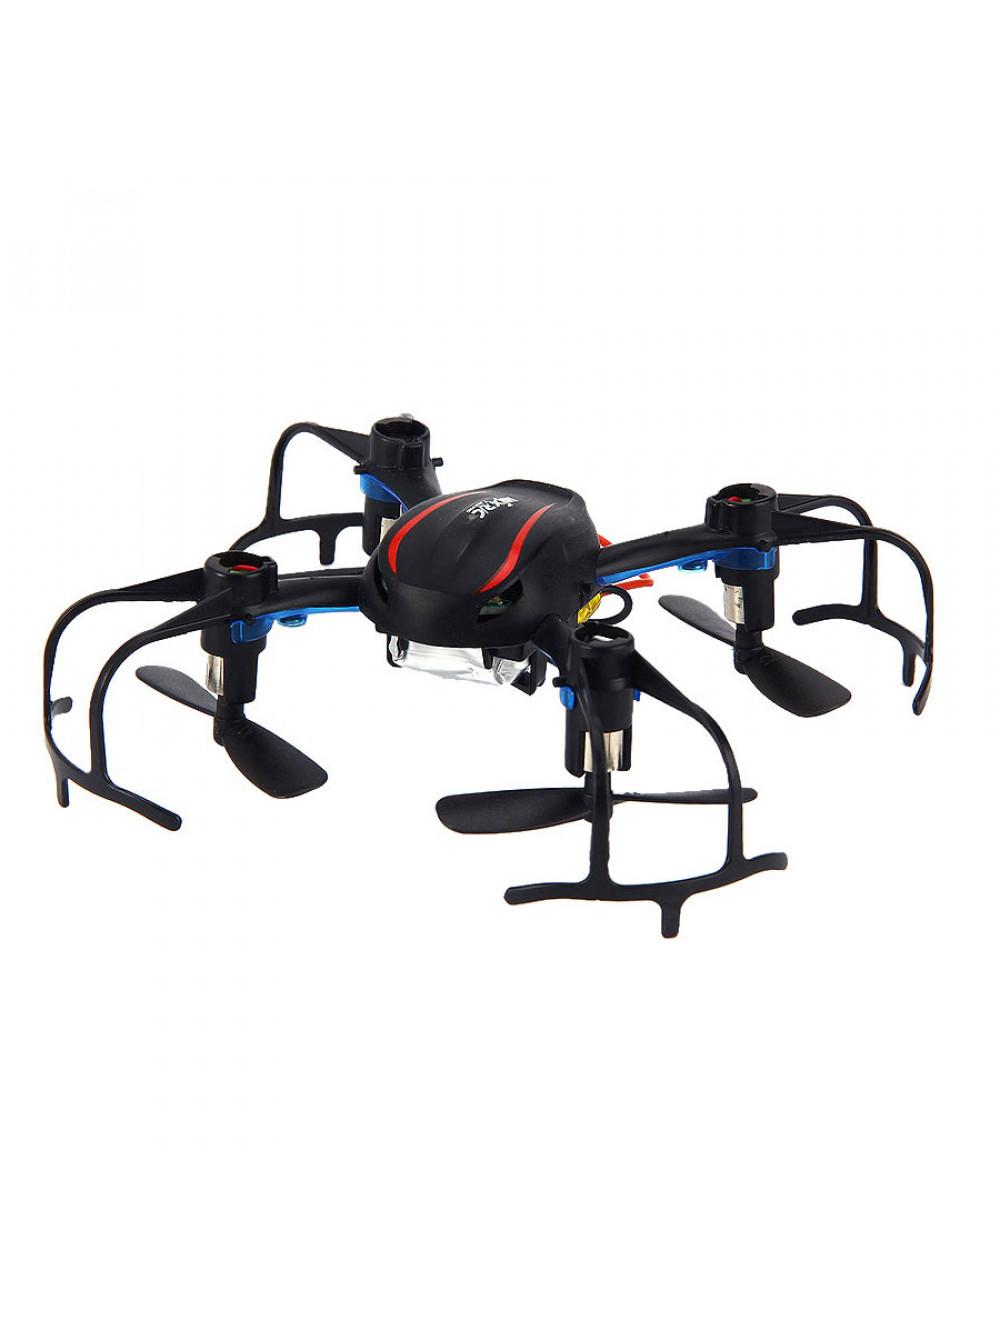 MJX X902 Spider